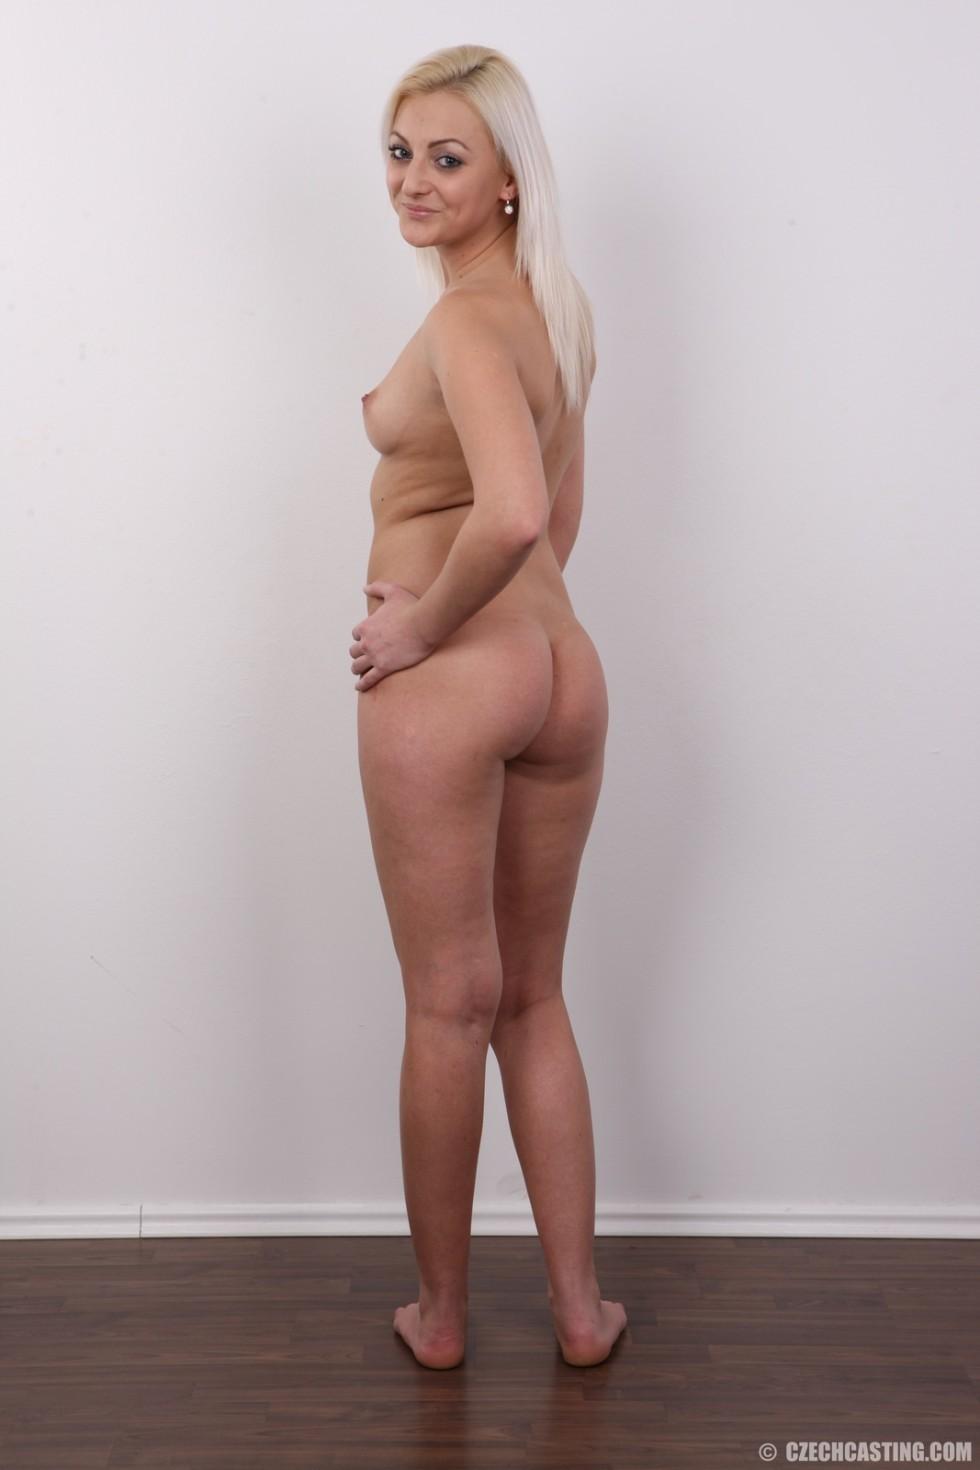 Фигуристые женщины - Галерея № 3471838